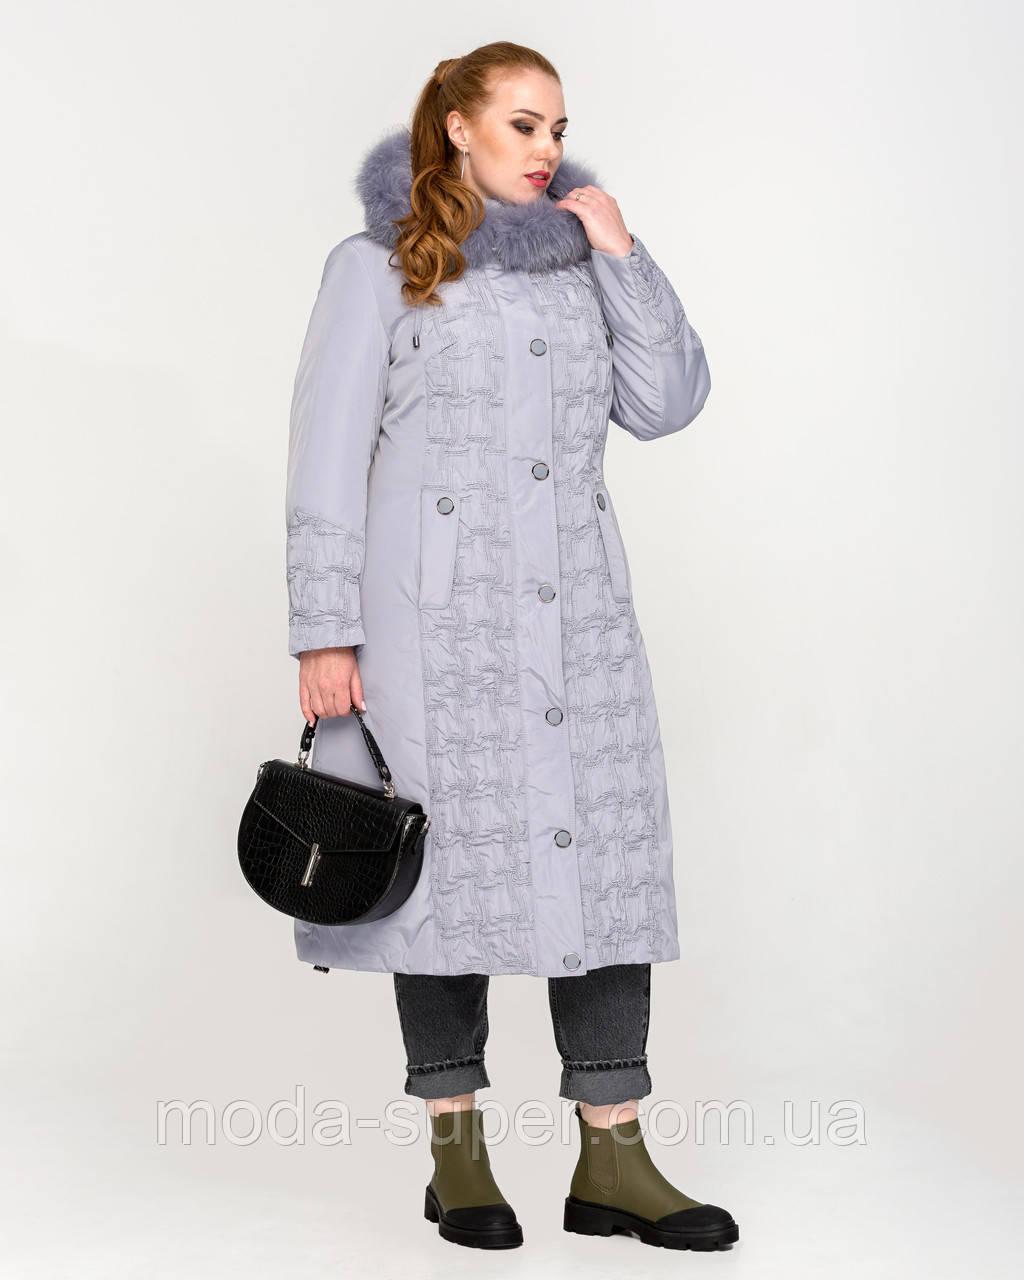 Зимняя длинная куртка - пуховик с мехом песца рр 48-60